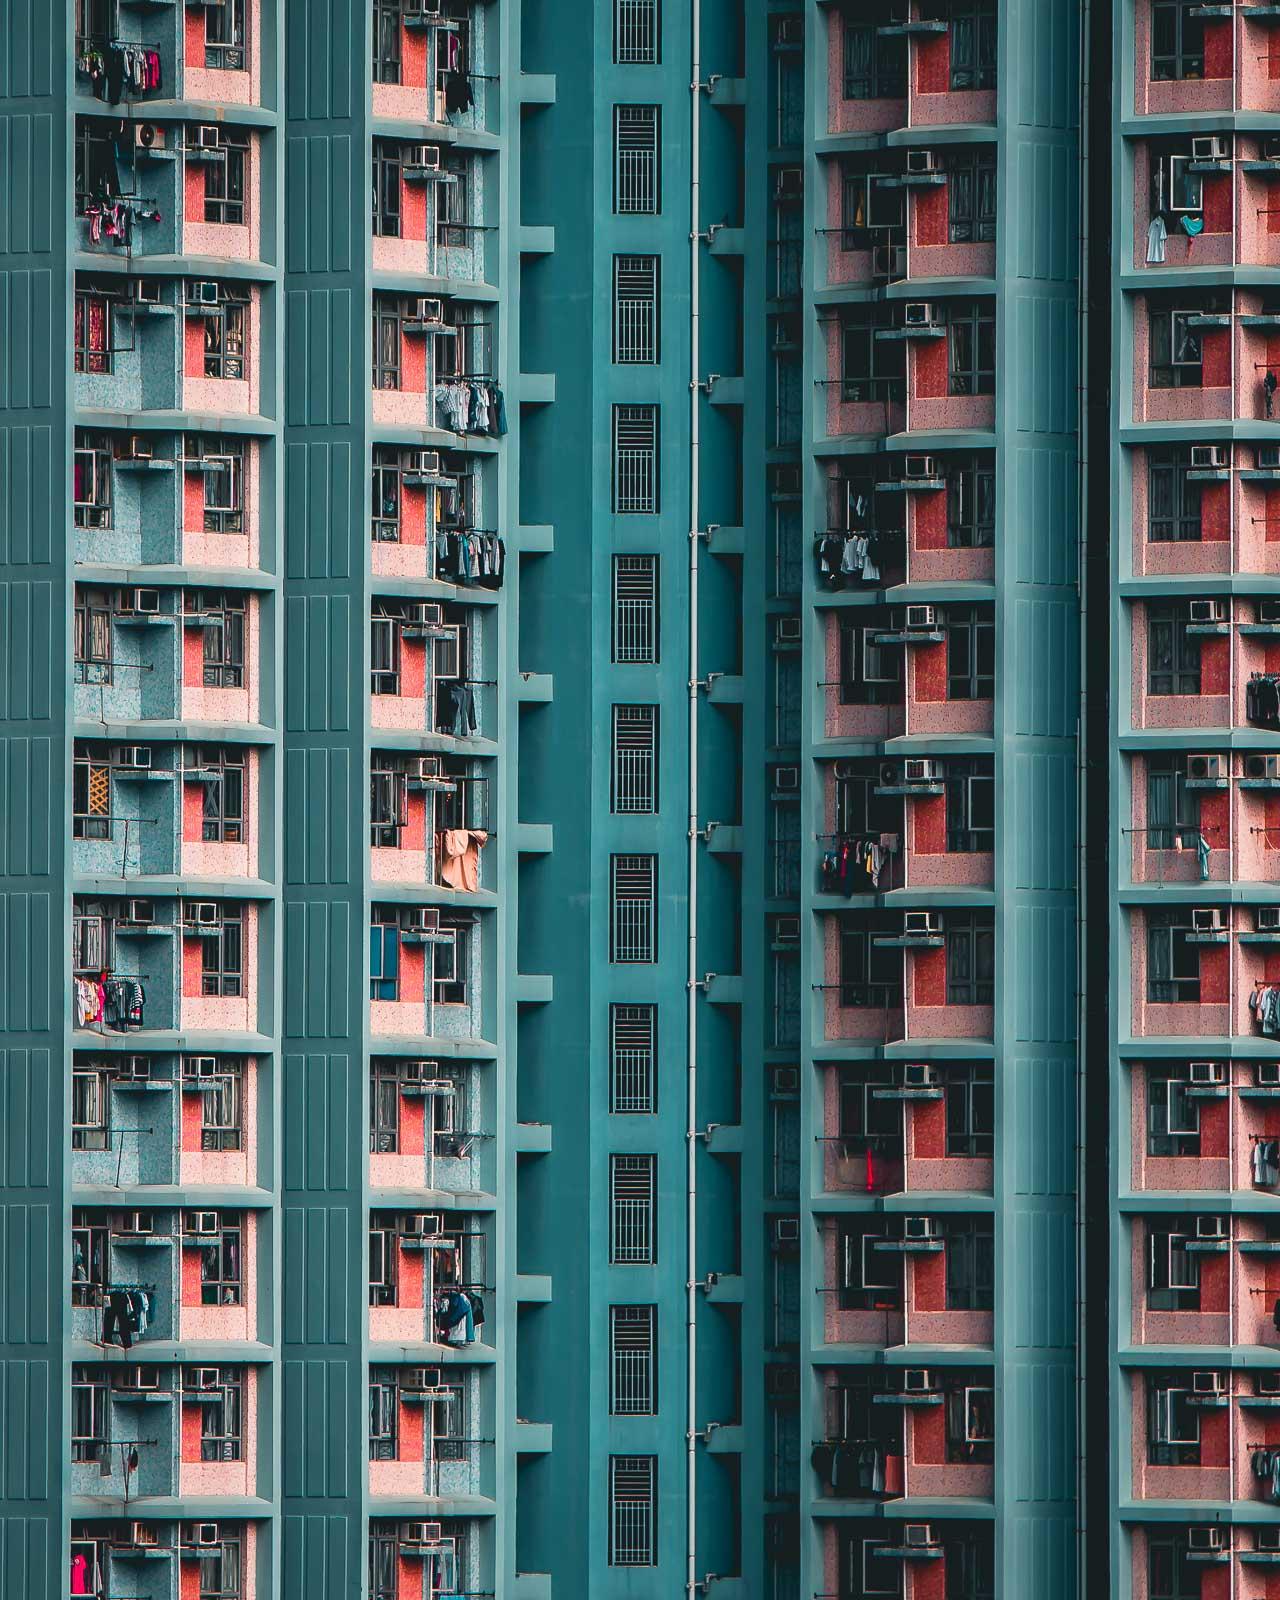 Visiting Hong Kong for 2 Days